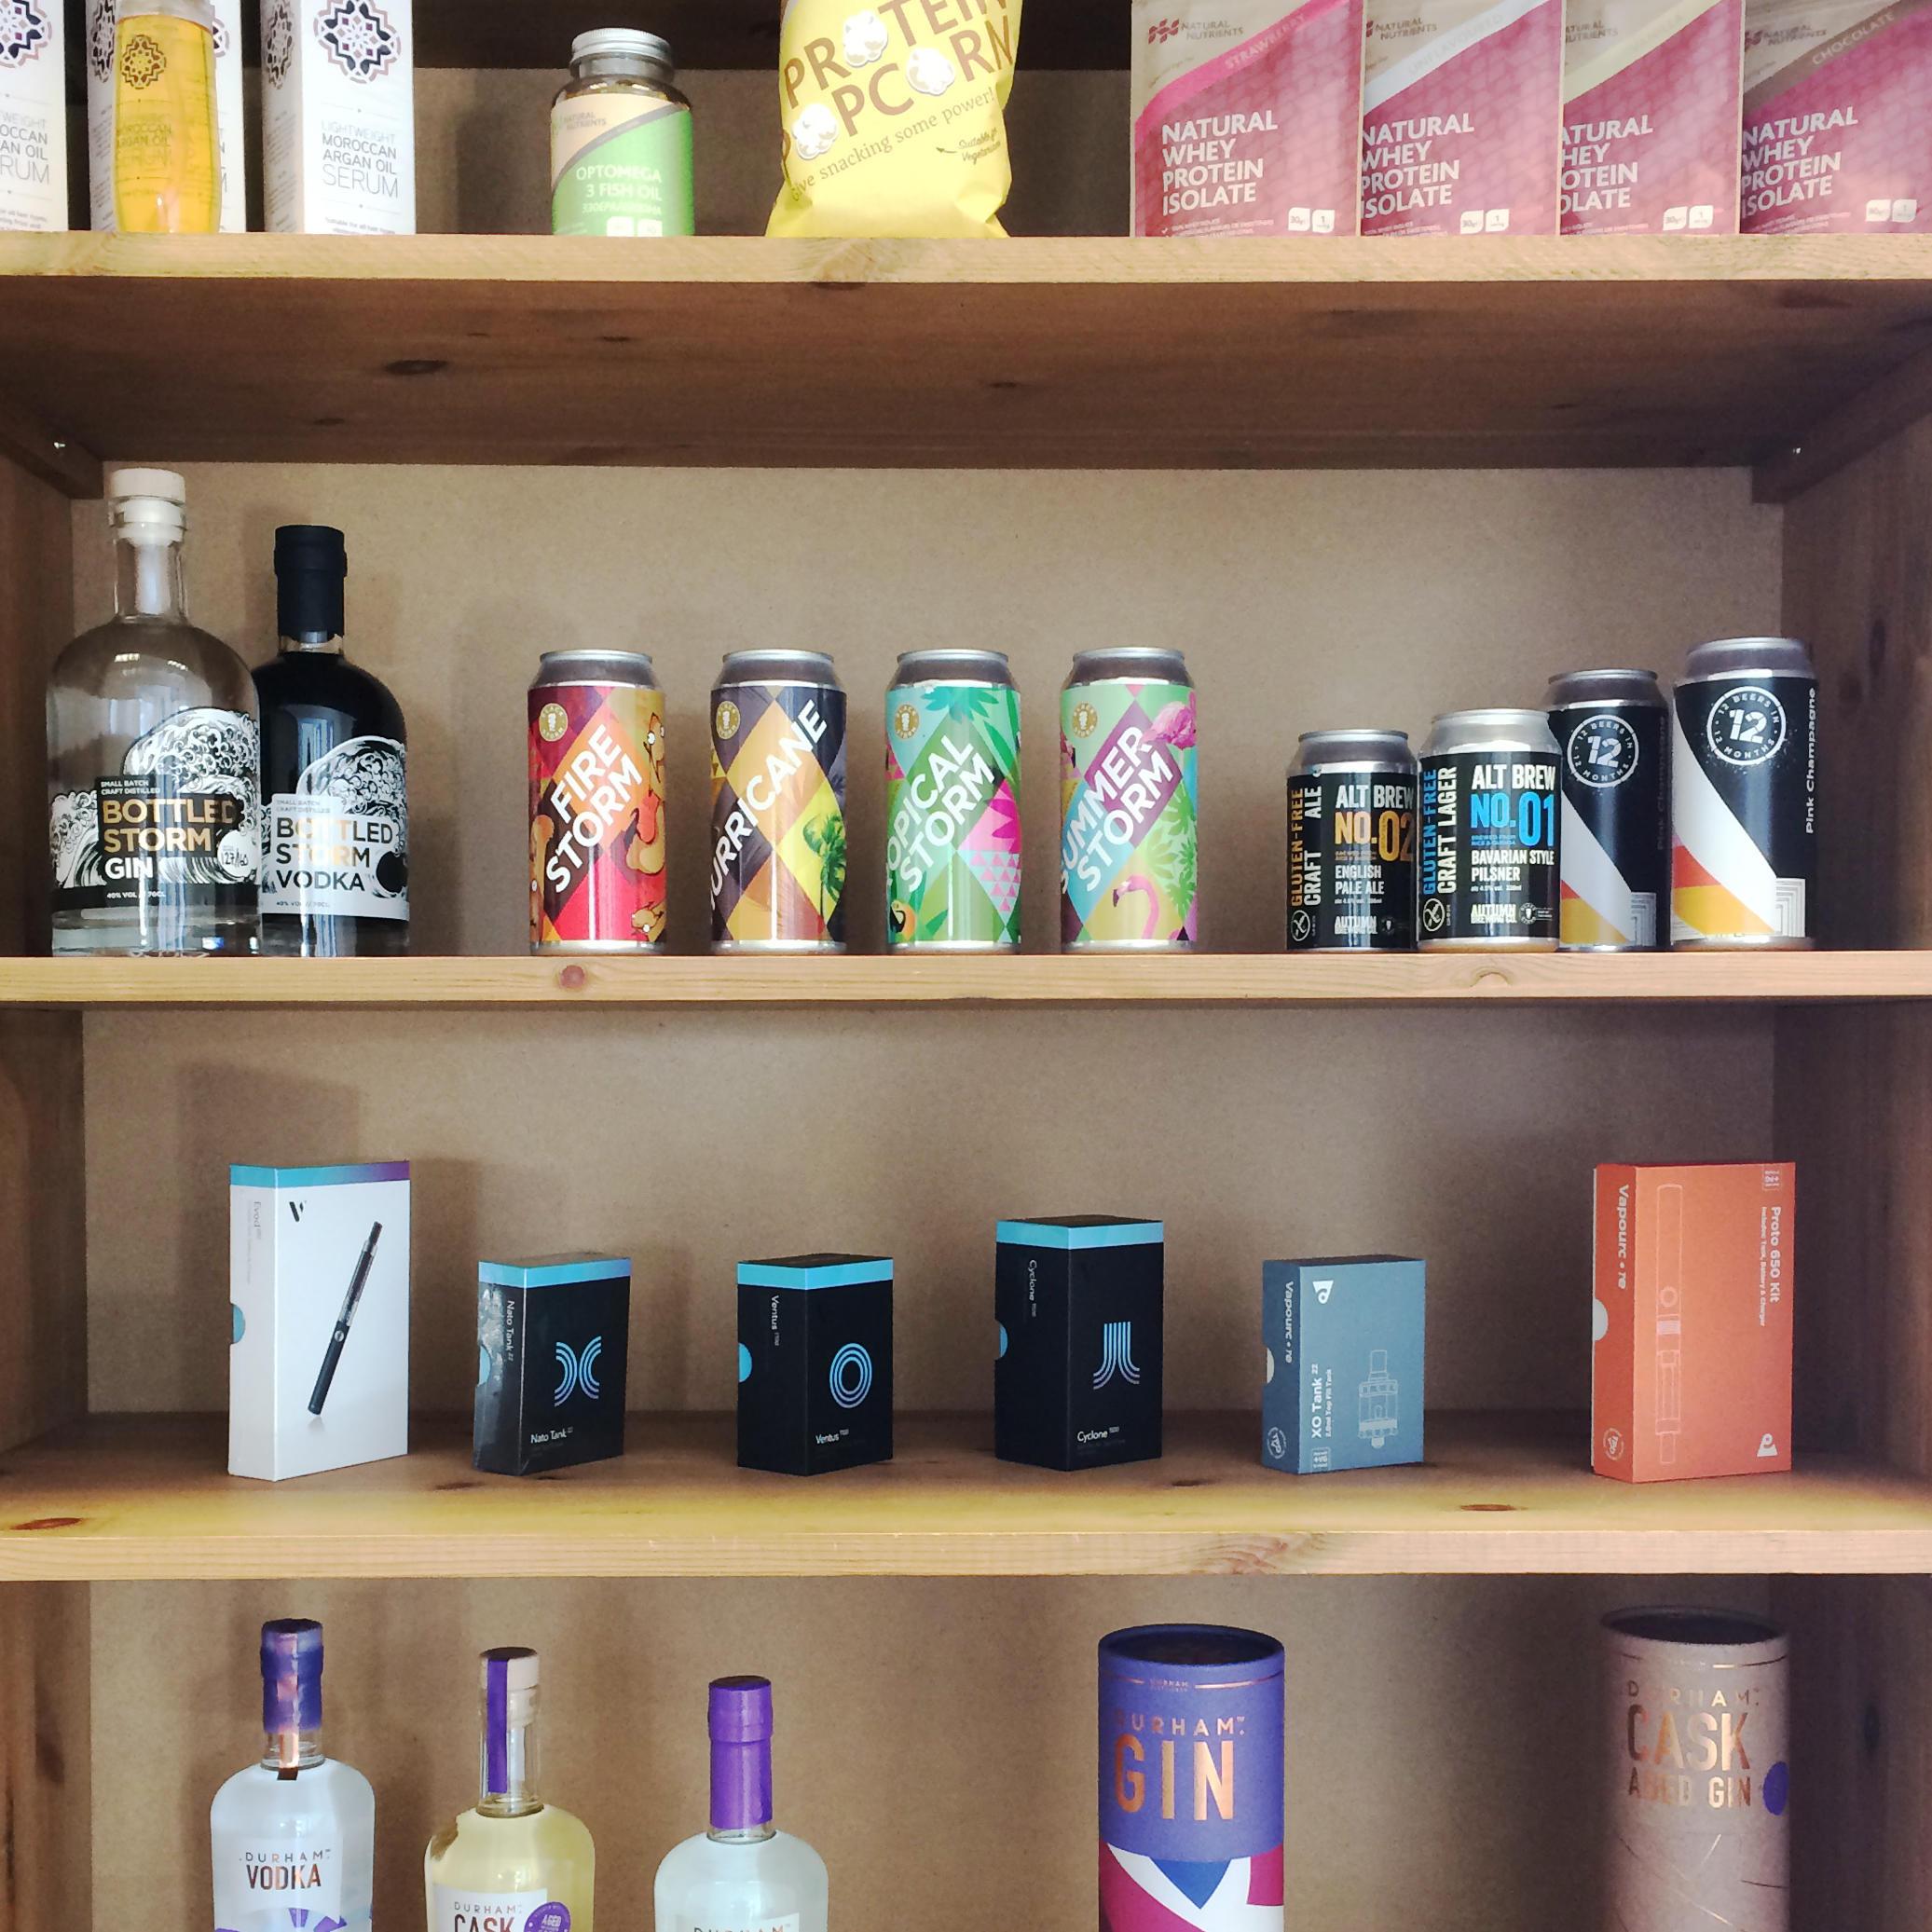 Shelf of Packaging designs created by Wonderstuff